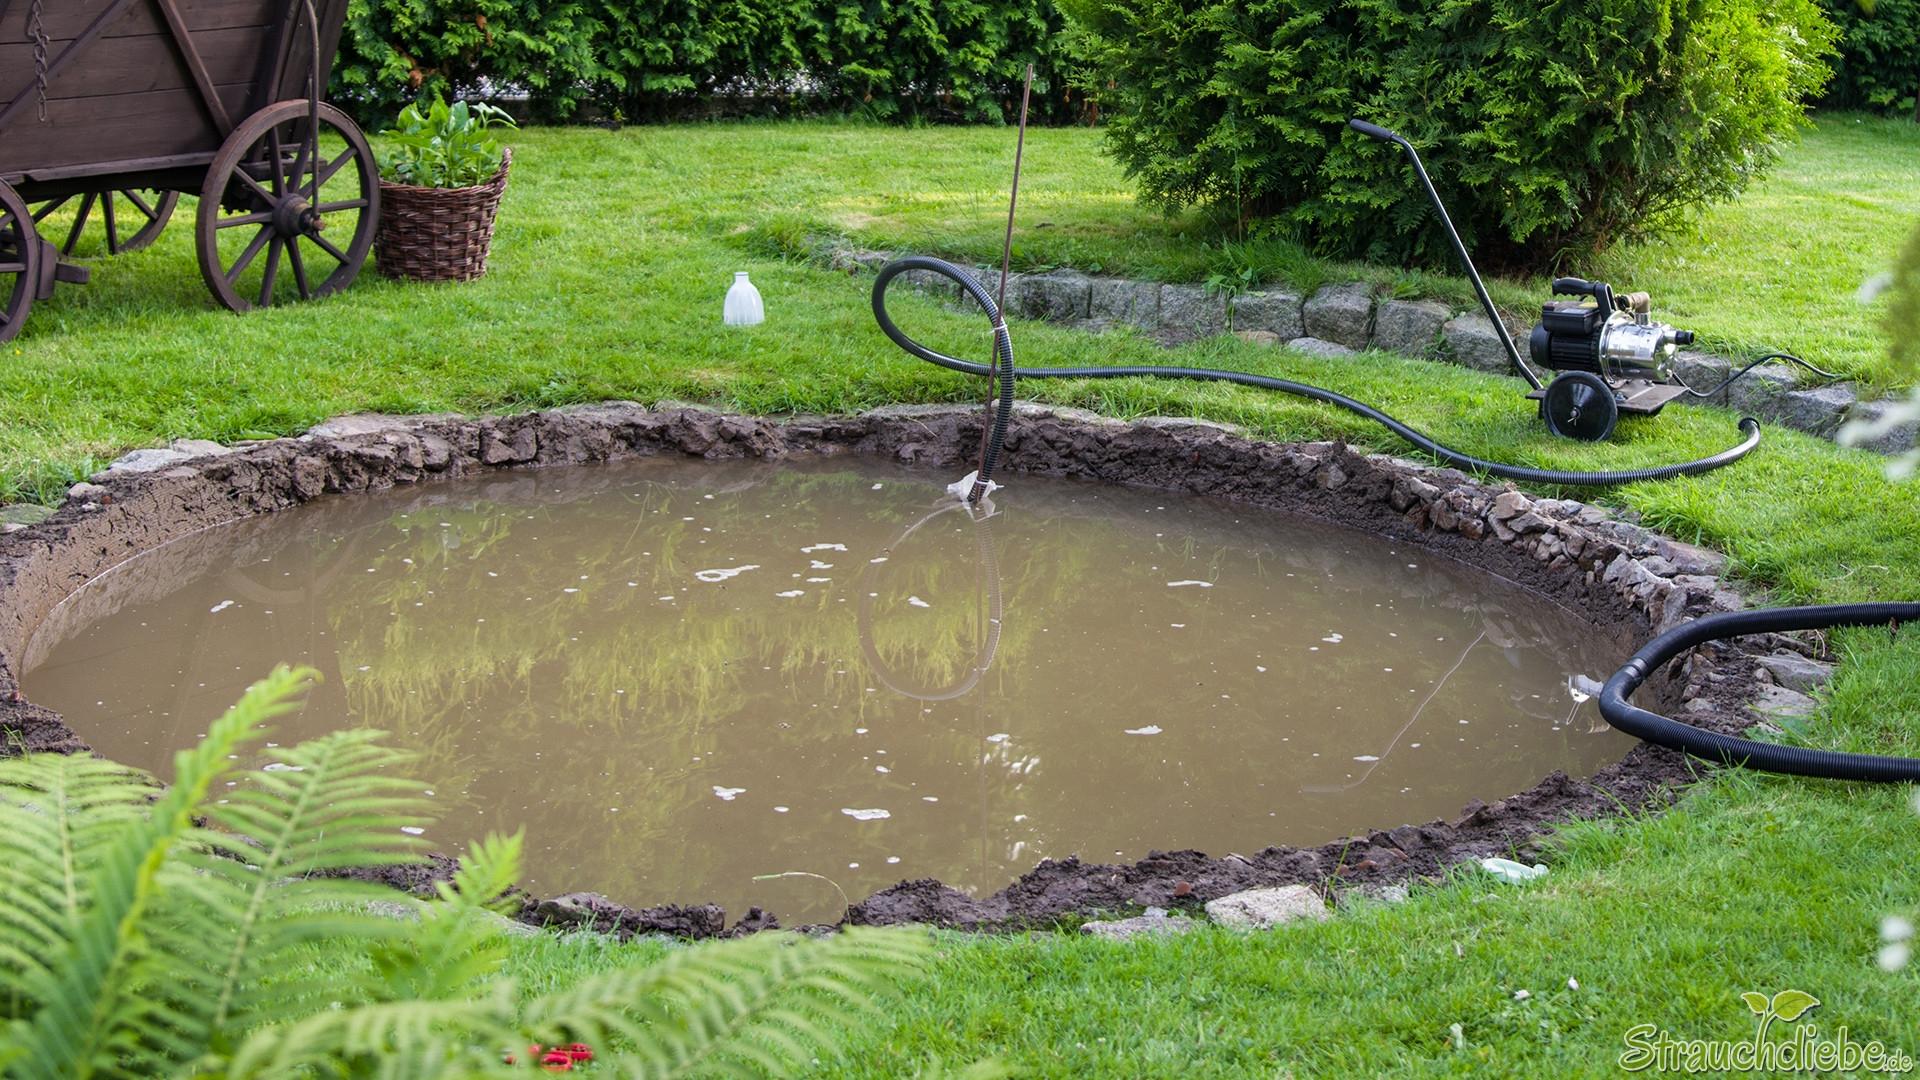 Neuer Gartenteich?